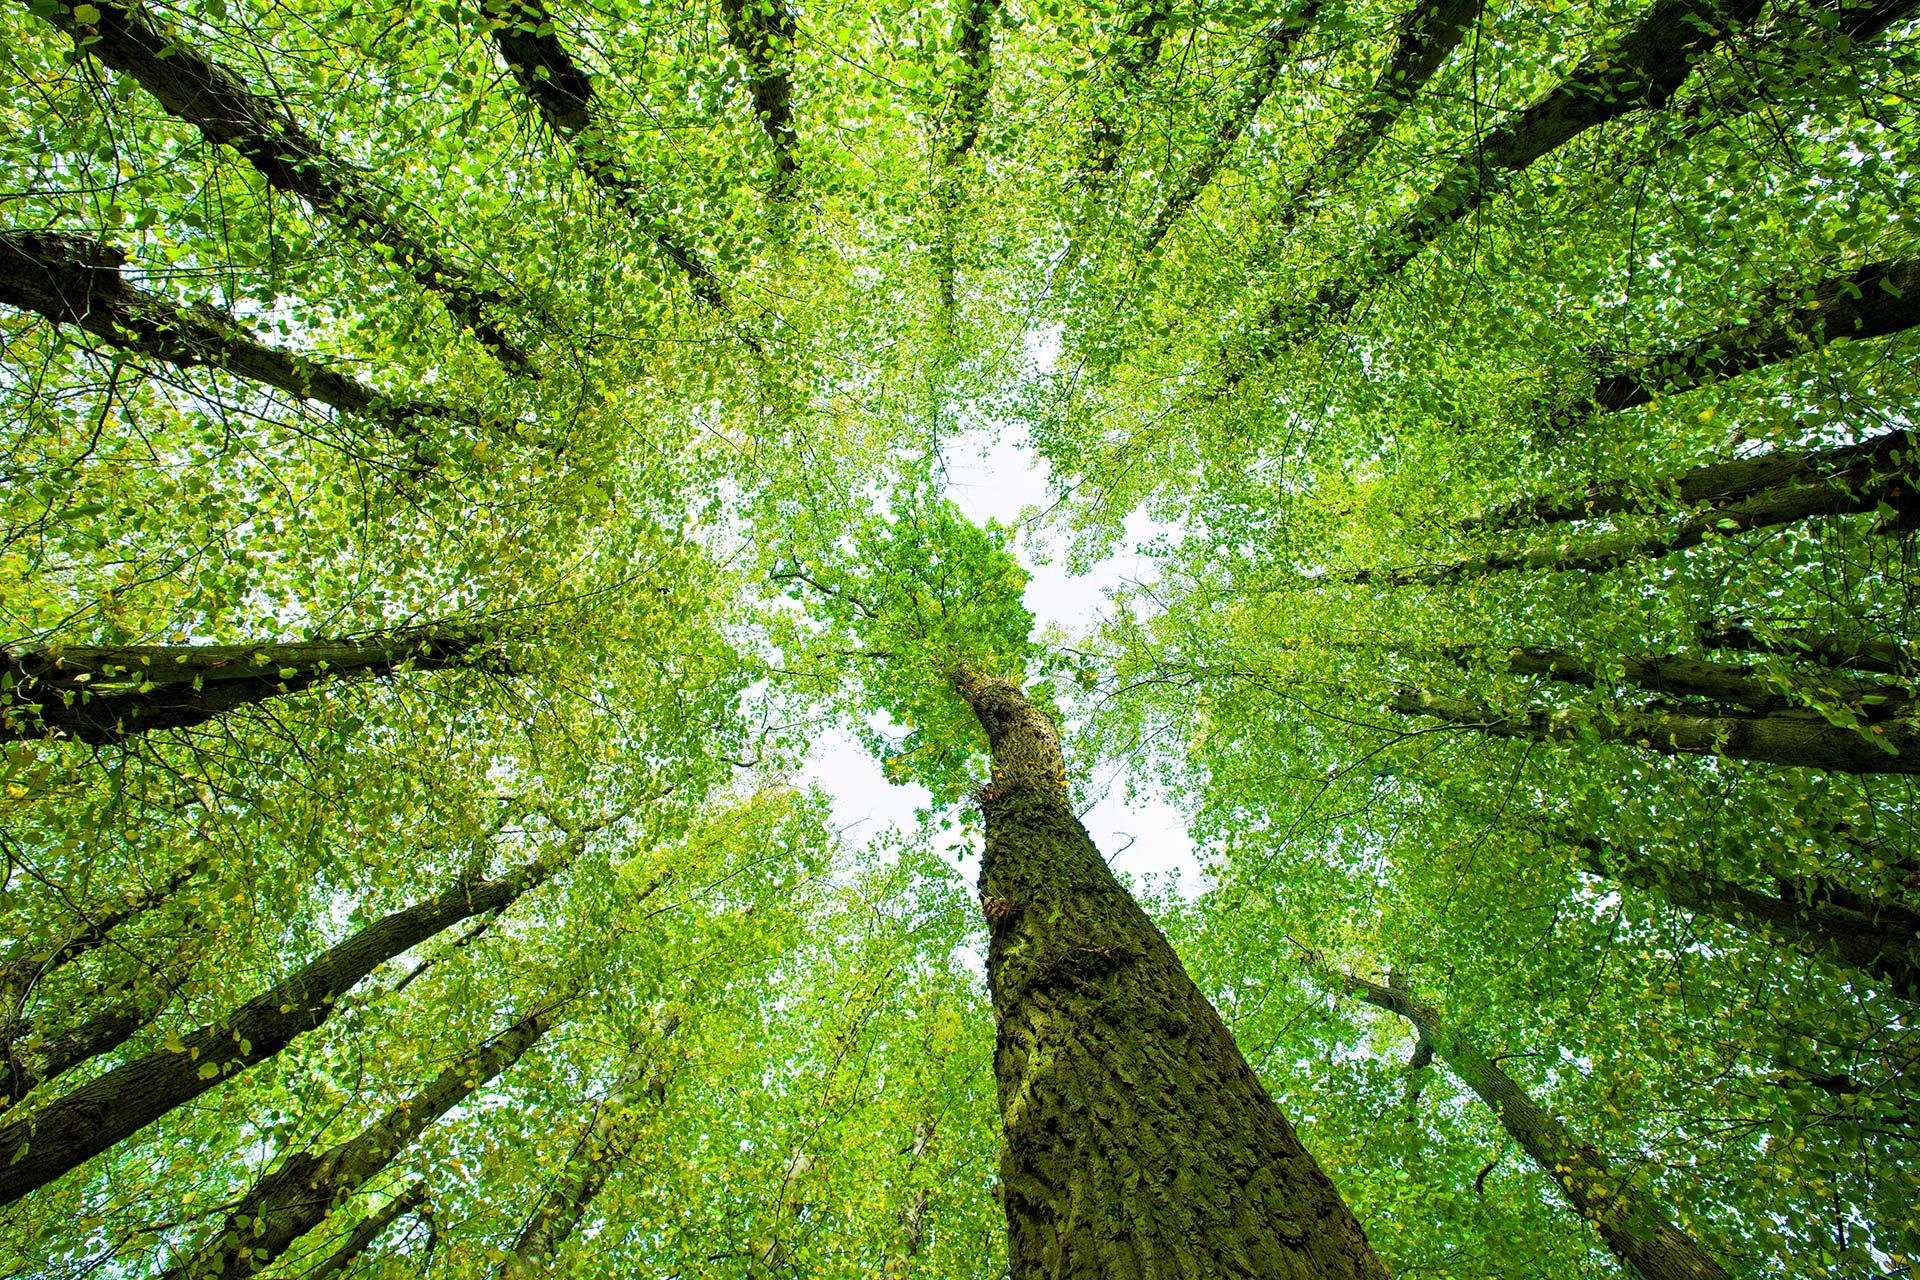 Umweltschutz - Blick nach oben im Wald, Baumkronen von unten